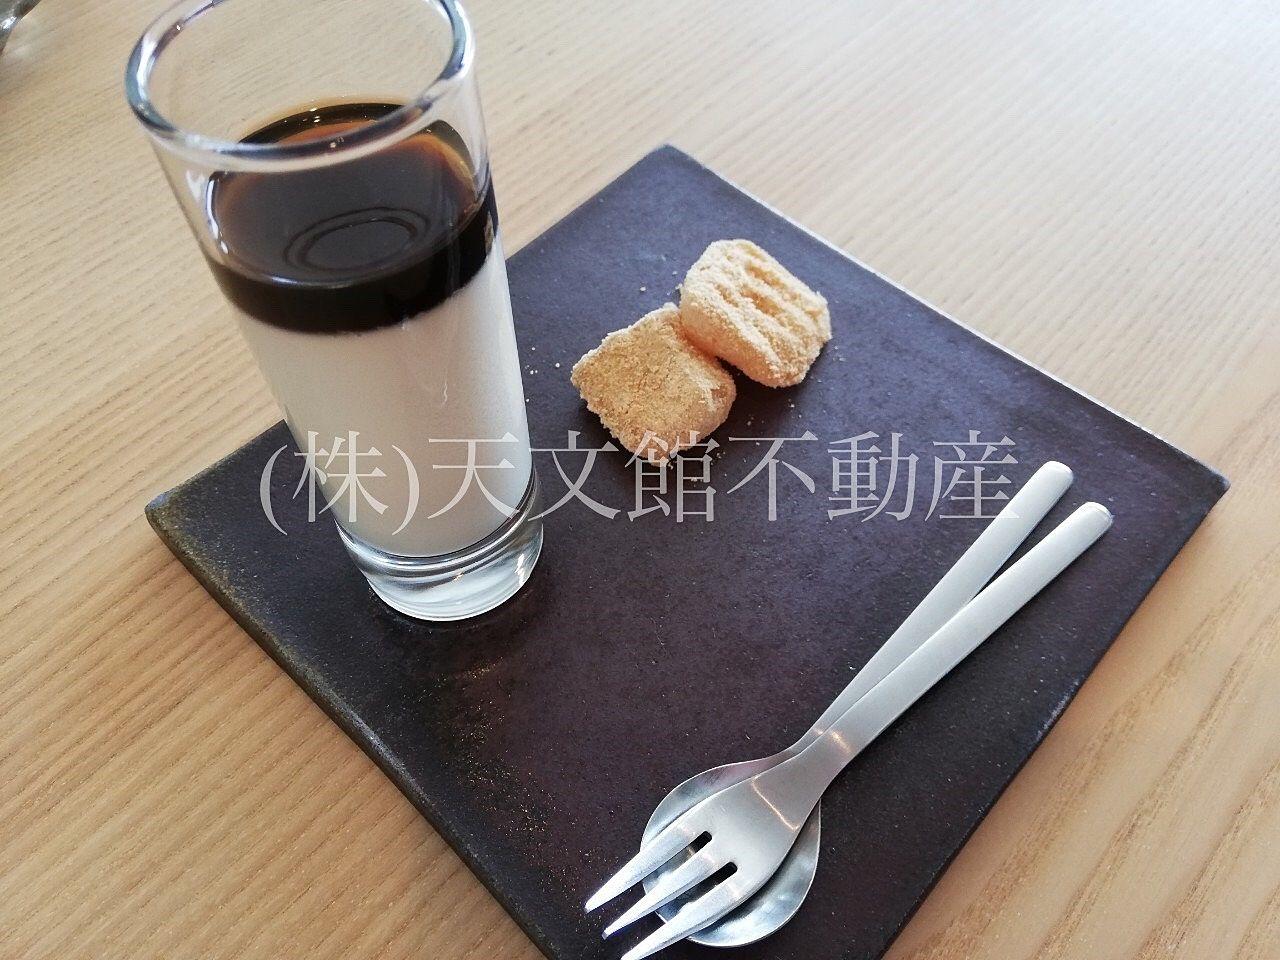 鹿児島市吉野町「ケイトキッチン」のランチについているデザートです。